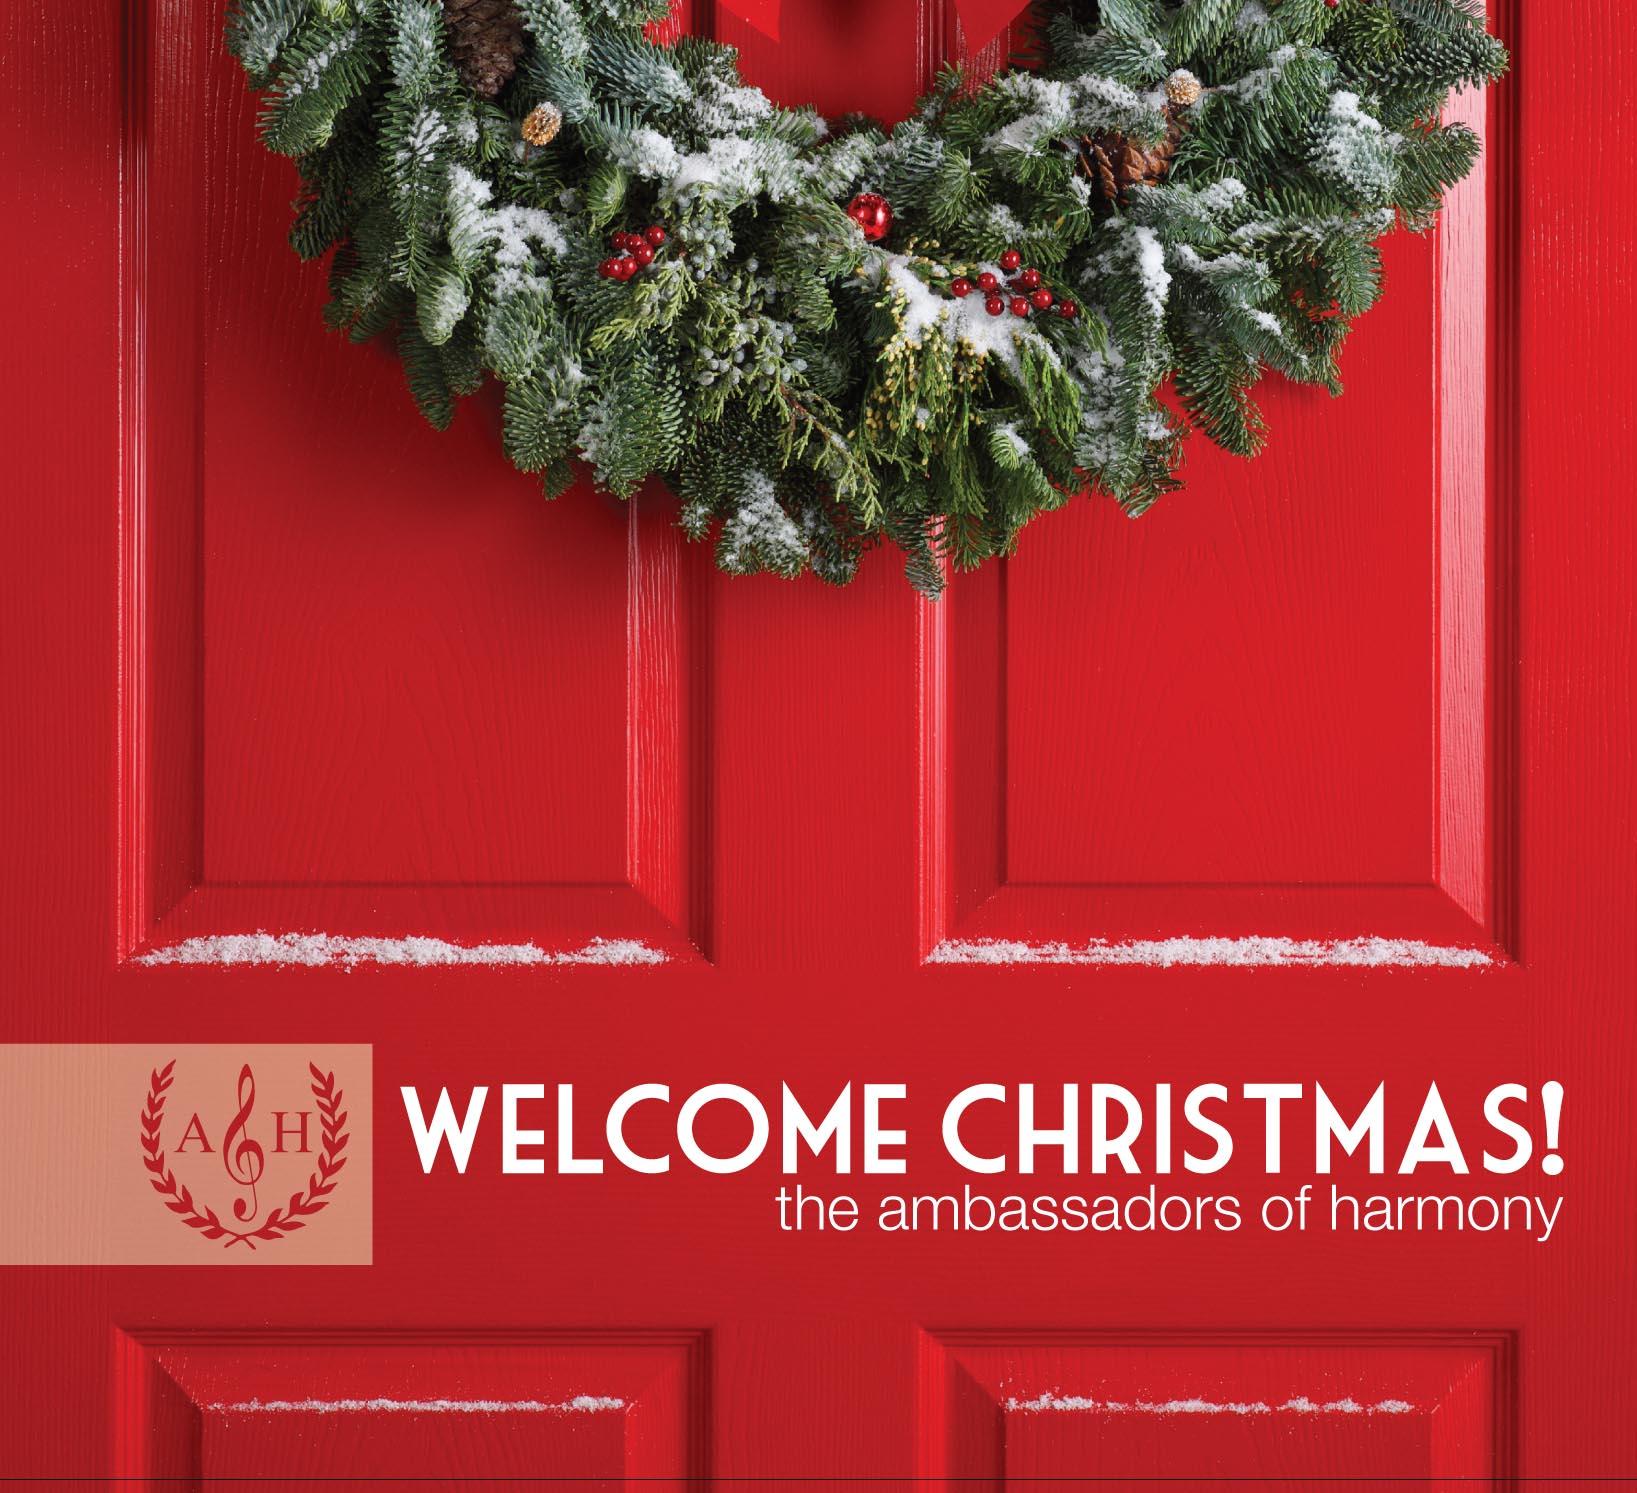 Welcome Christmas Grinch.Cd Welcome Christmas The Ambassadors Of Harmony